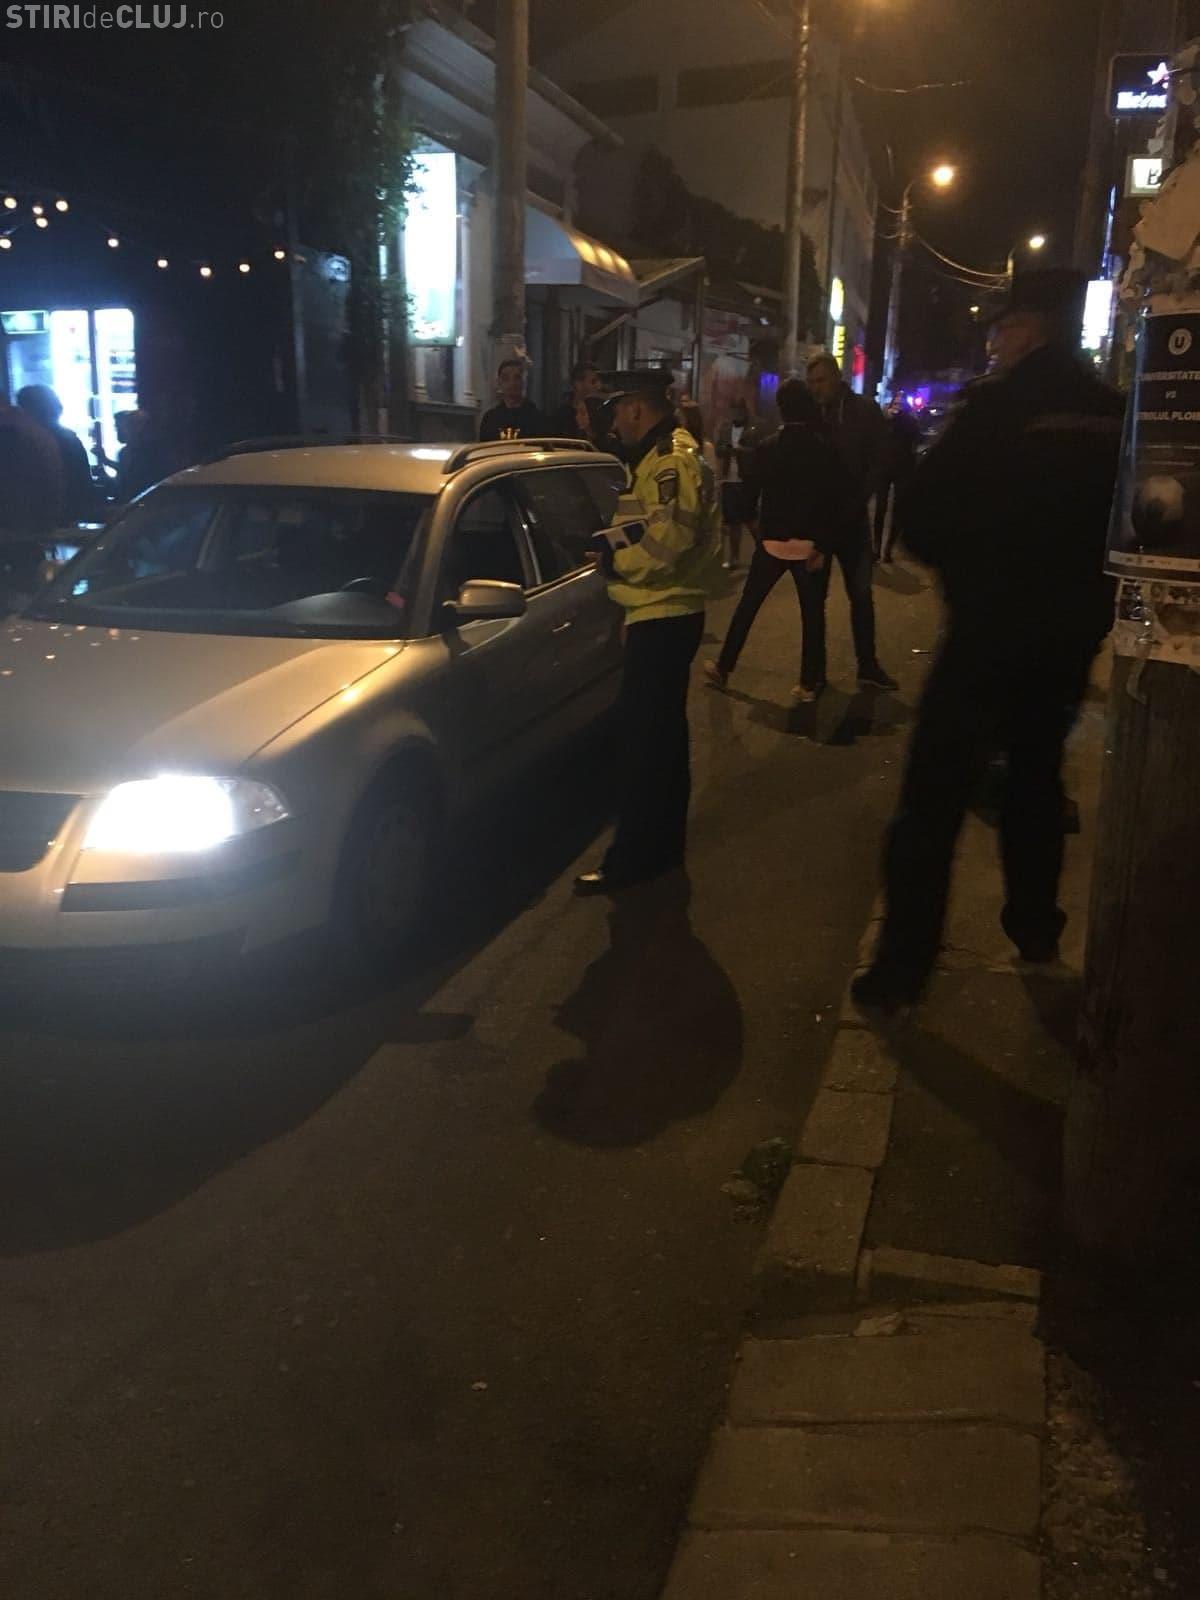 Razie de amploare pe strada Piezișa din Cluj! Zeci de persoane au fost legitimate FOTO/VIDEO